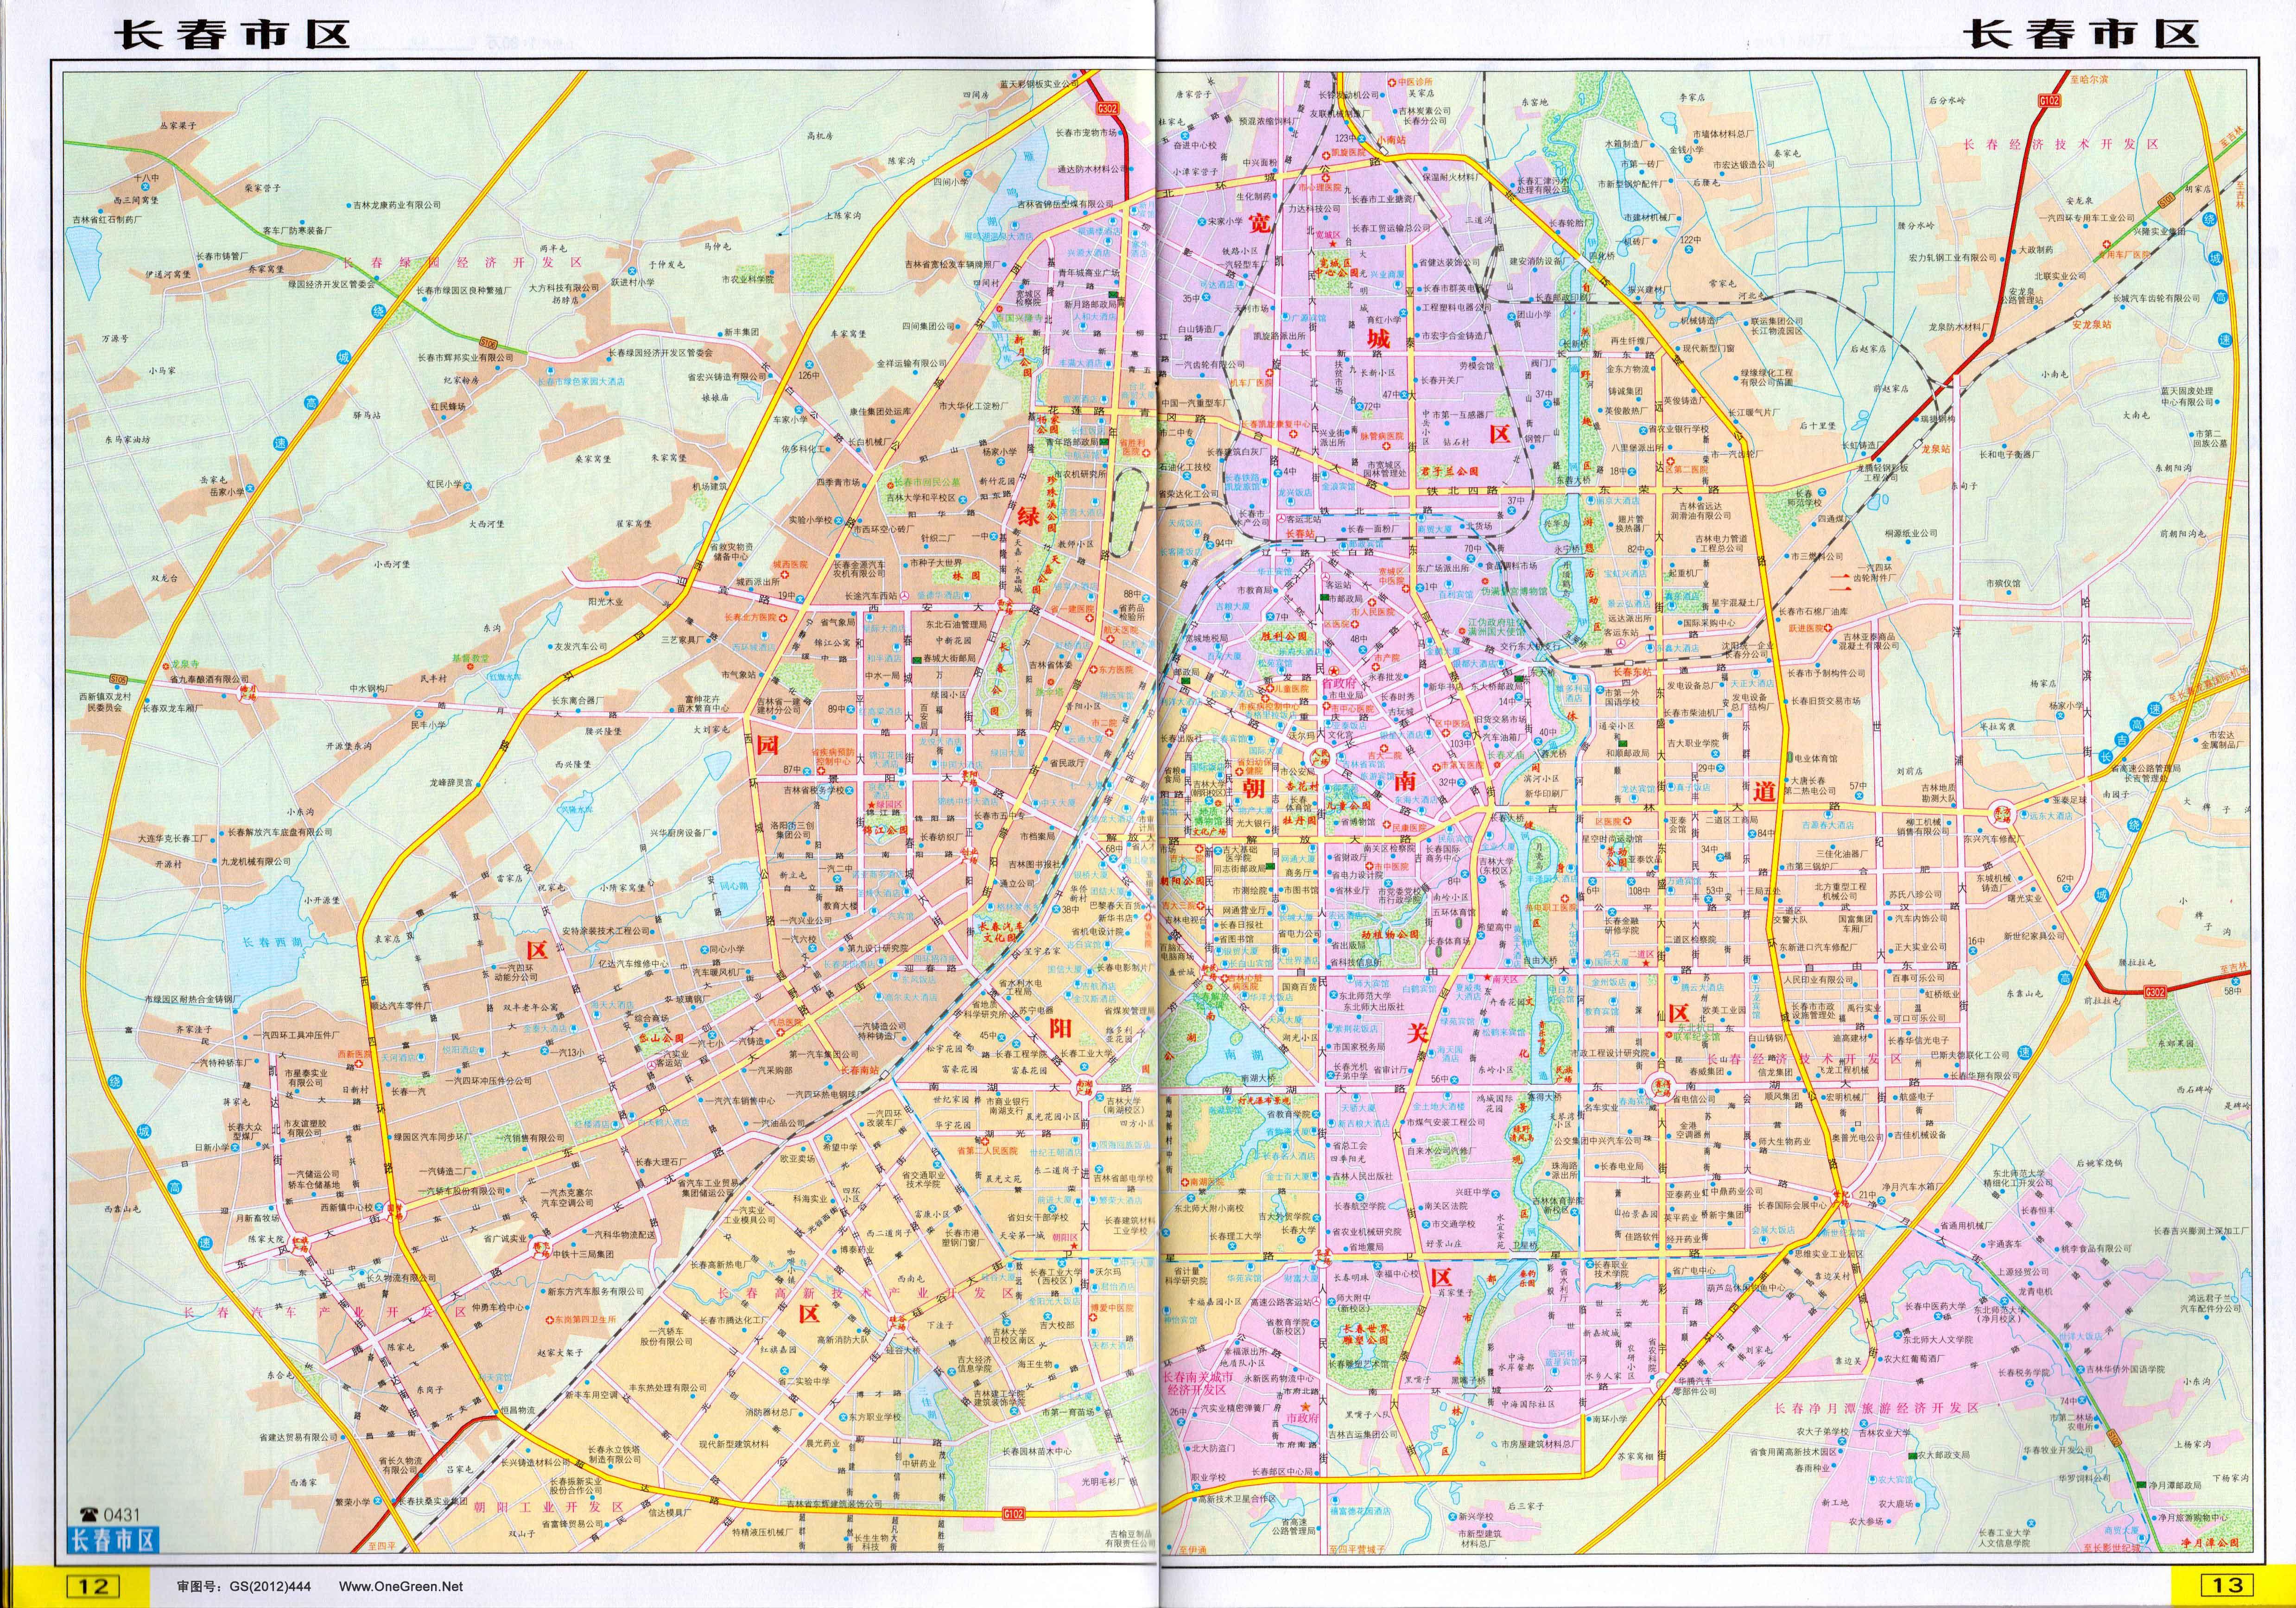 浙江旅游地图_长春地图_长春市区地图全图高清版_地图窝